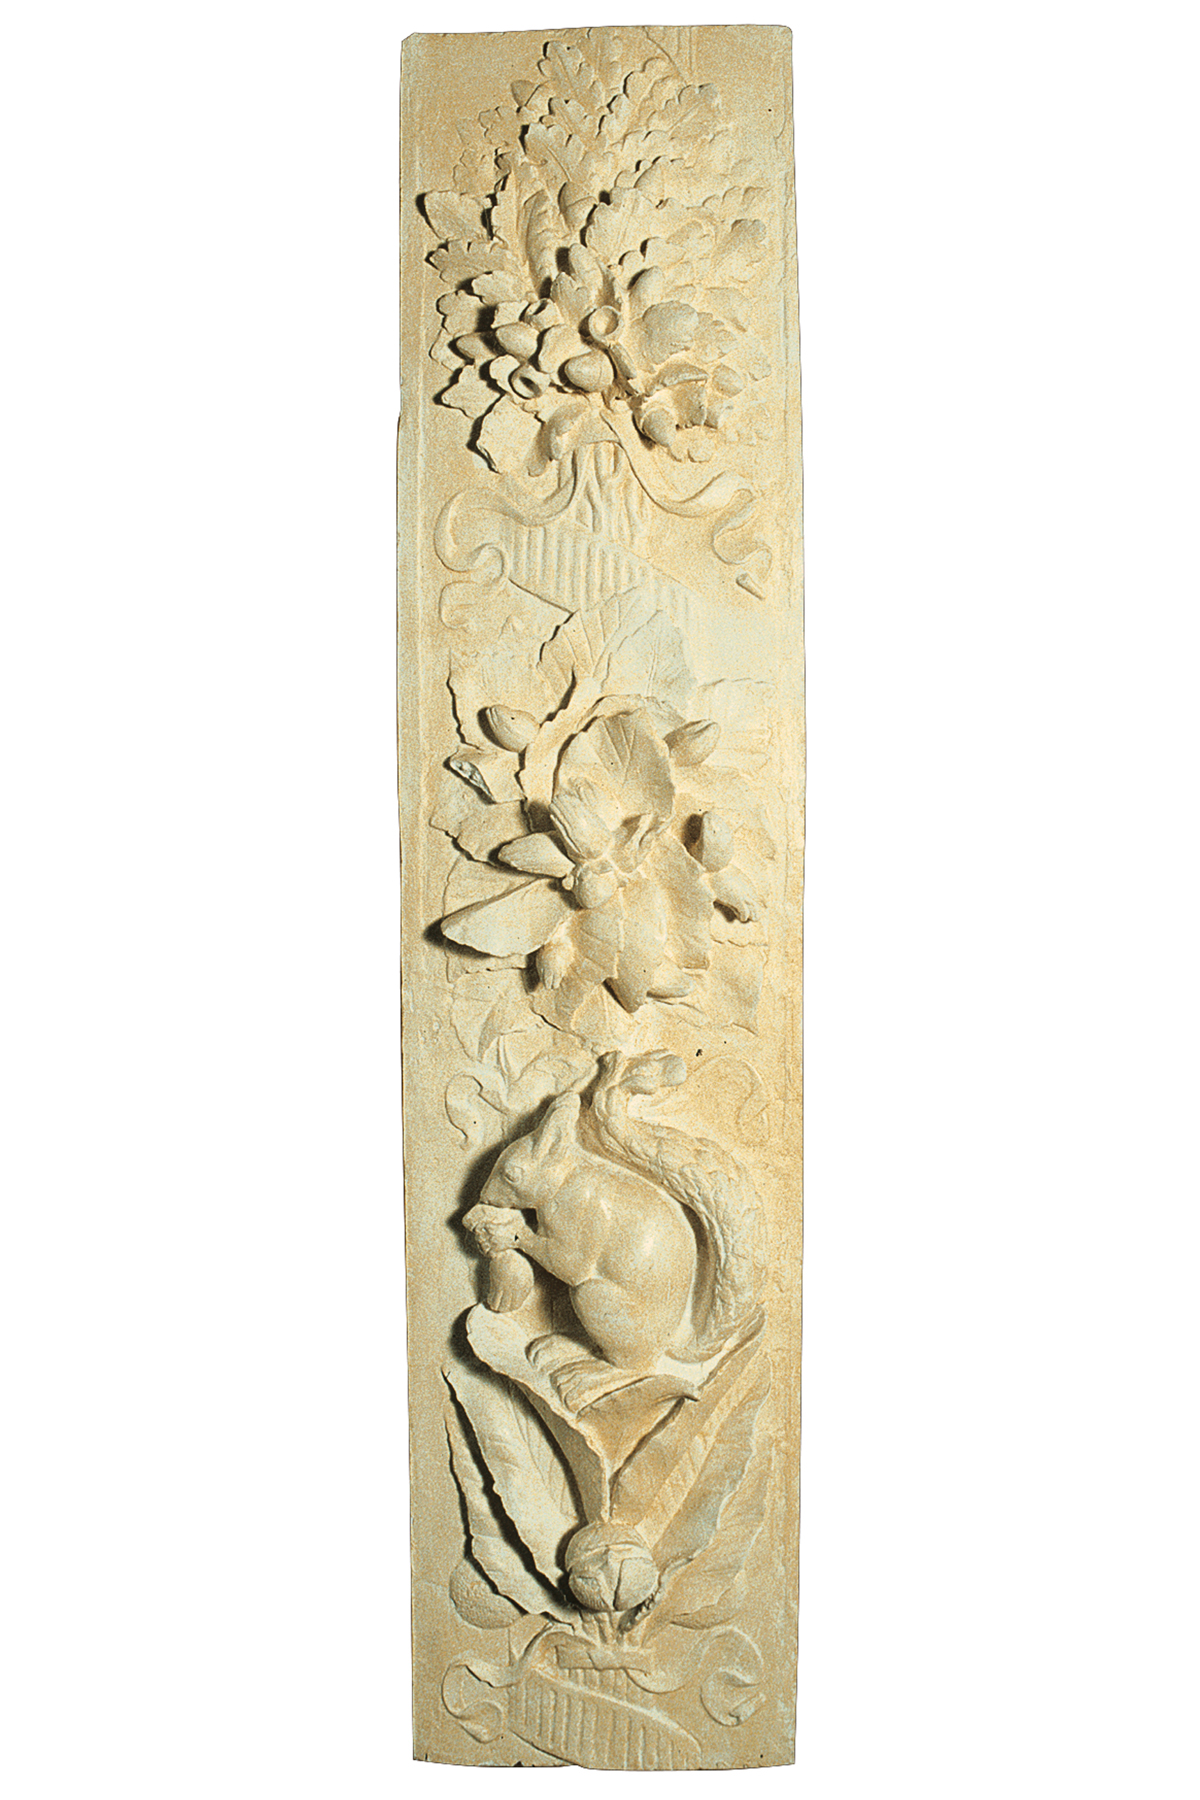 Frammento di decorazione della Porta del Paradiso (copia in gesso)